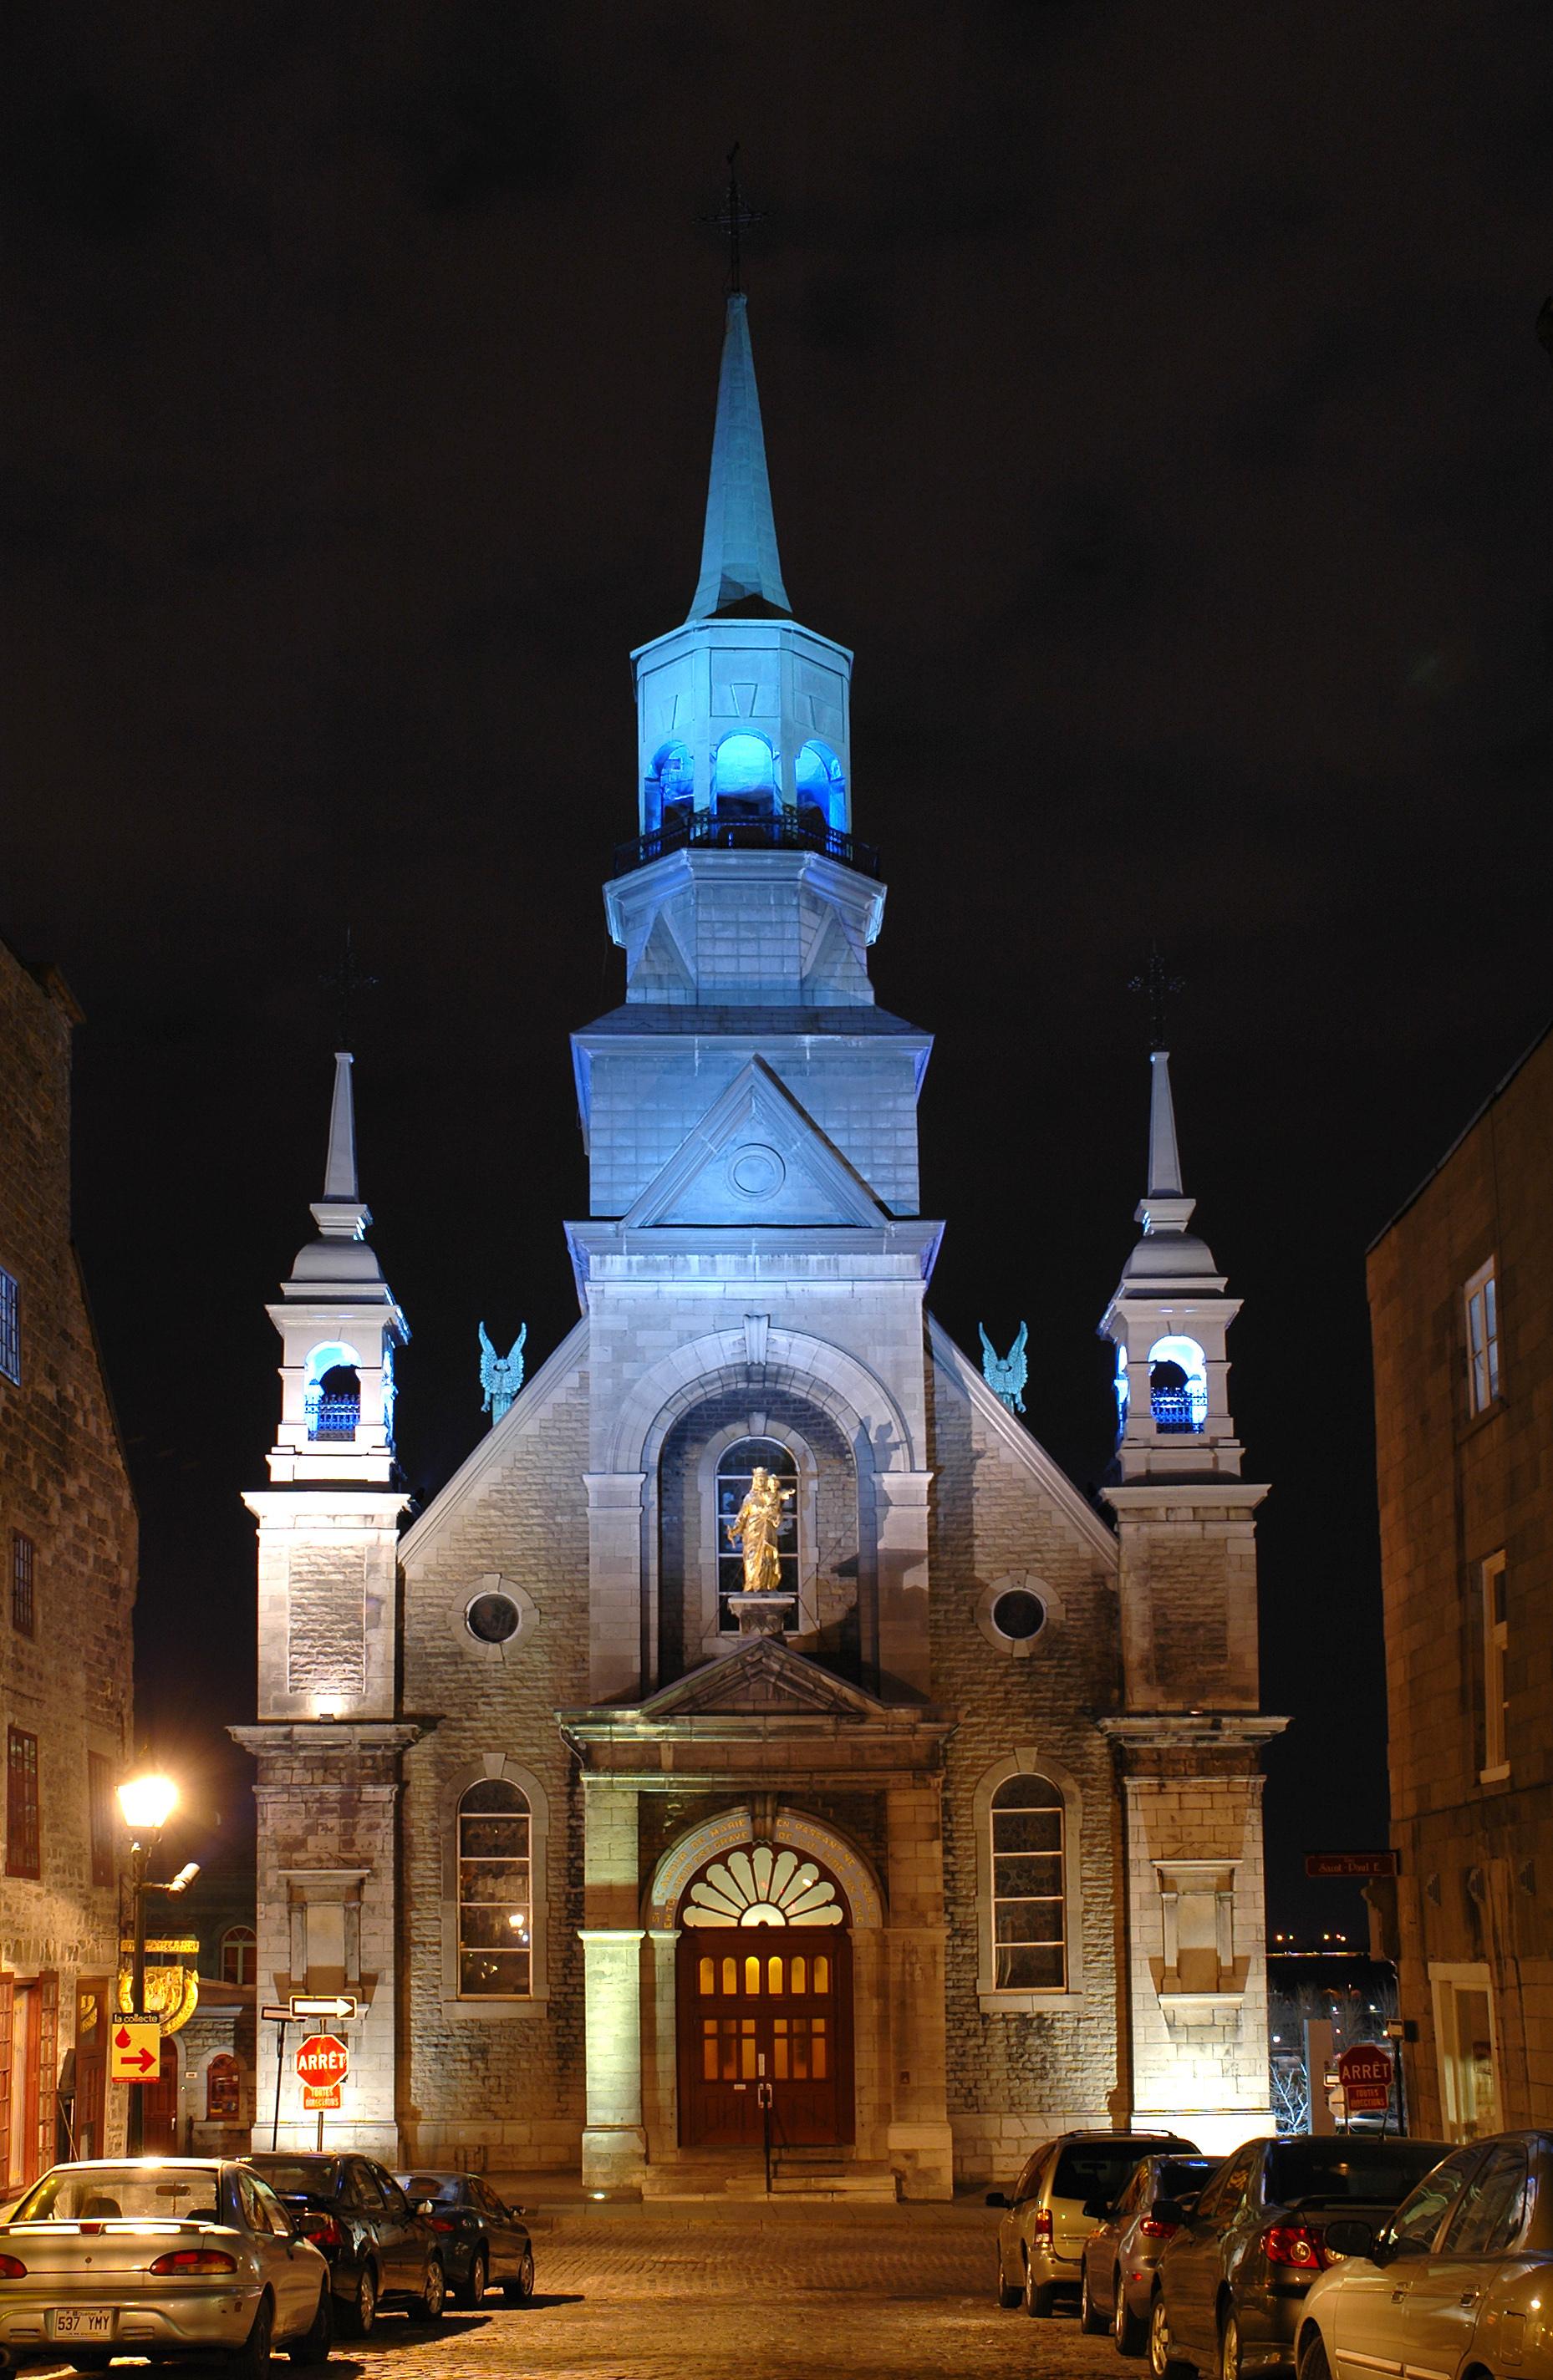 ....La chapelle Notre-Dame-de-Bon-Secours..Notre-Dame-de-Bon-Secours Chapel....